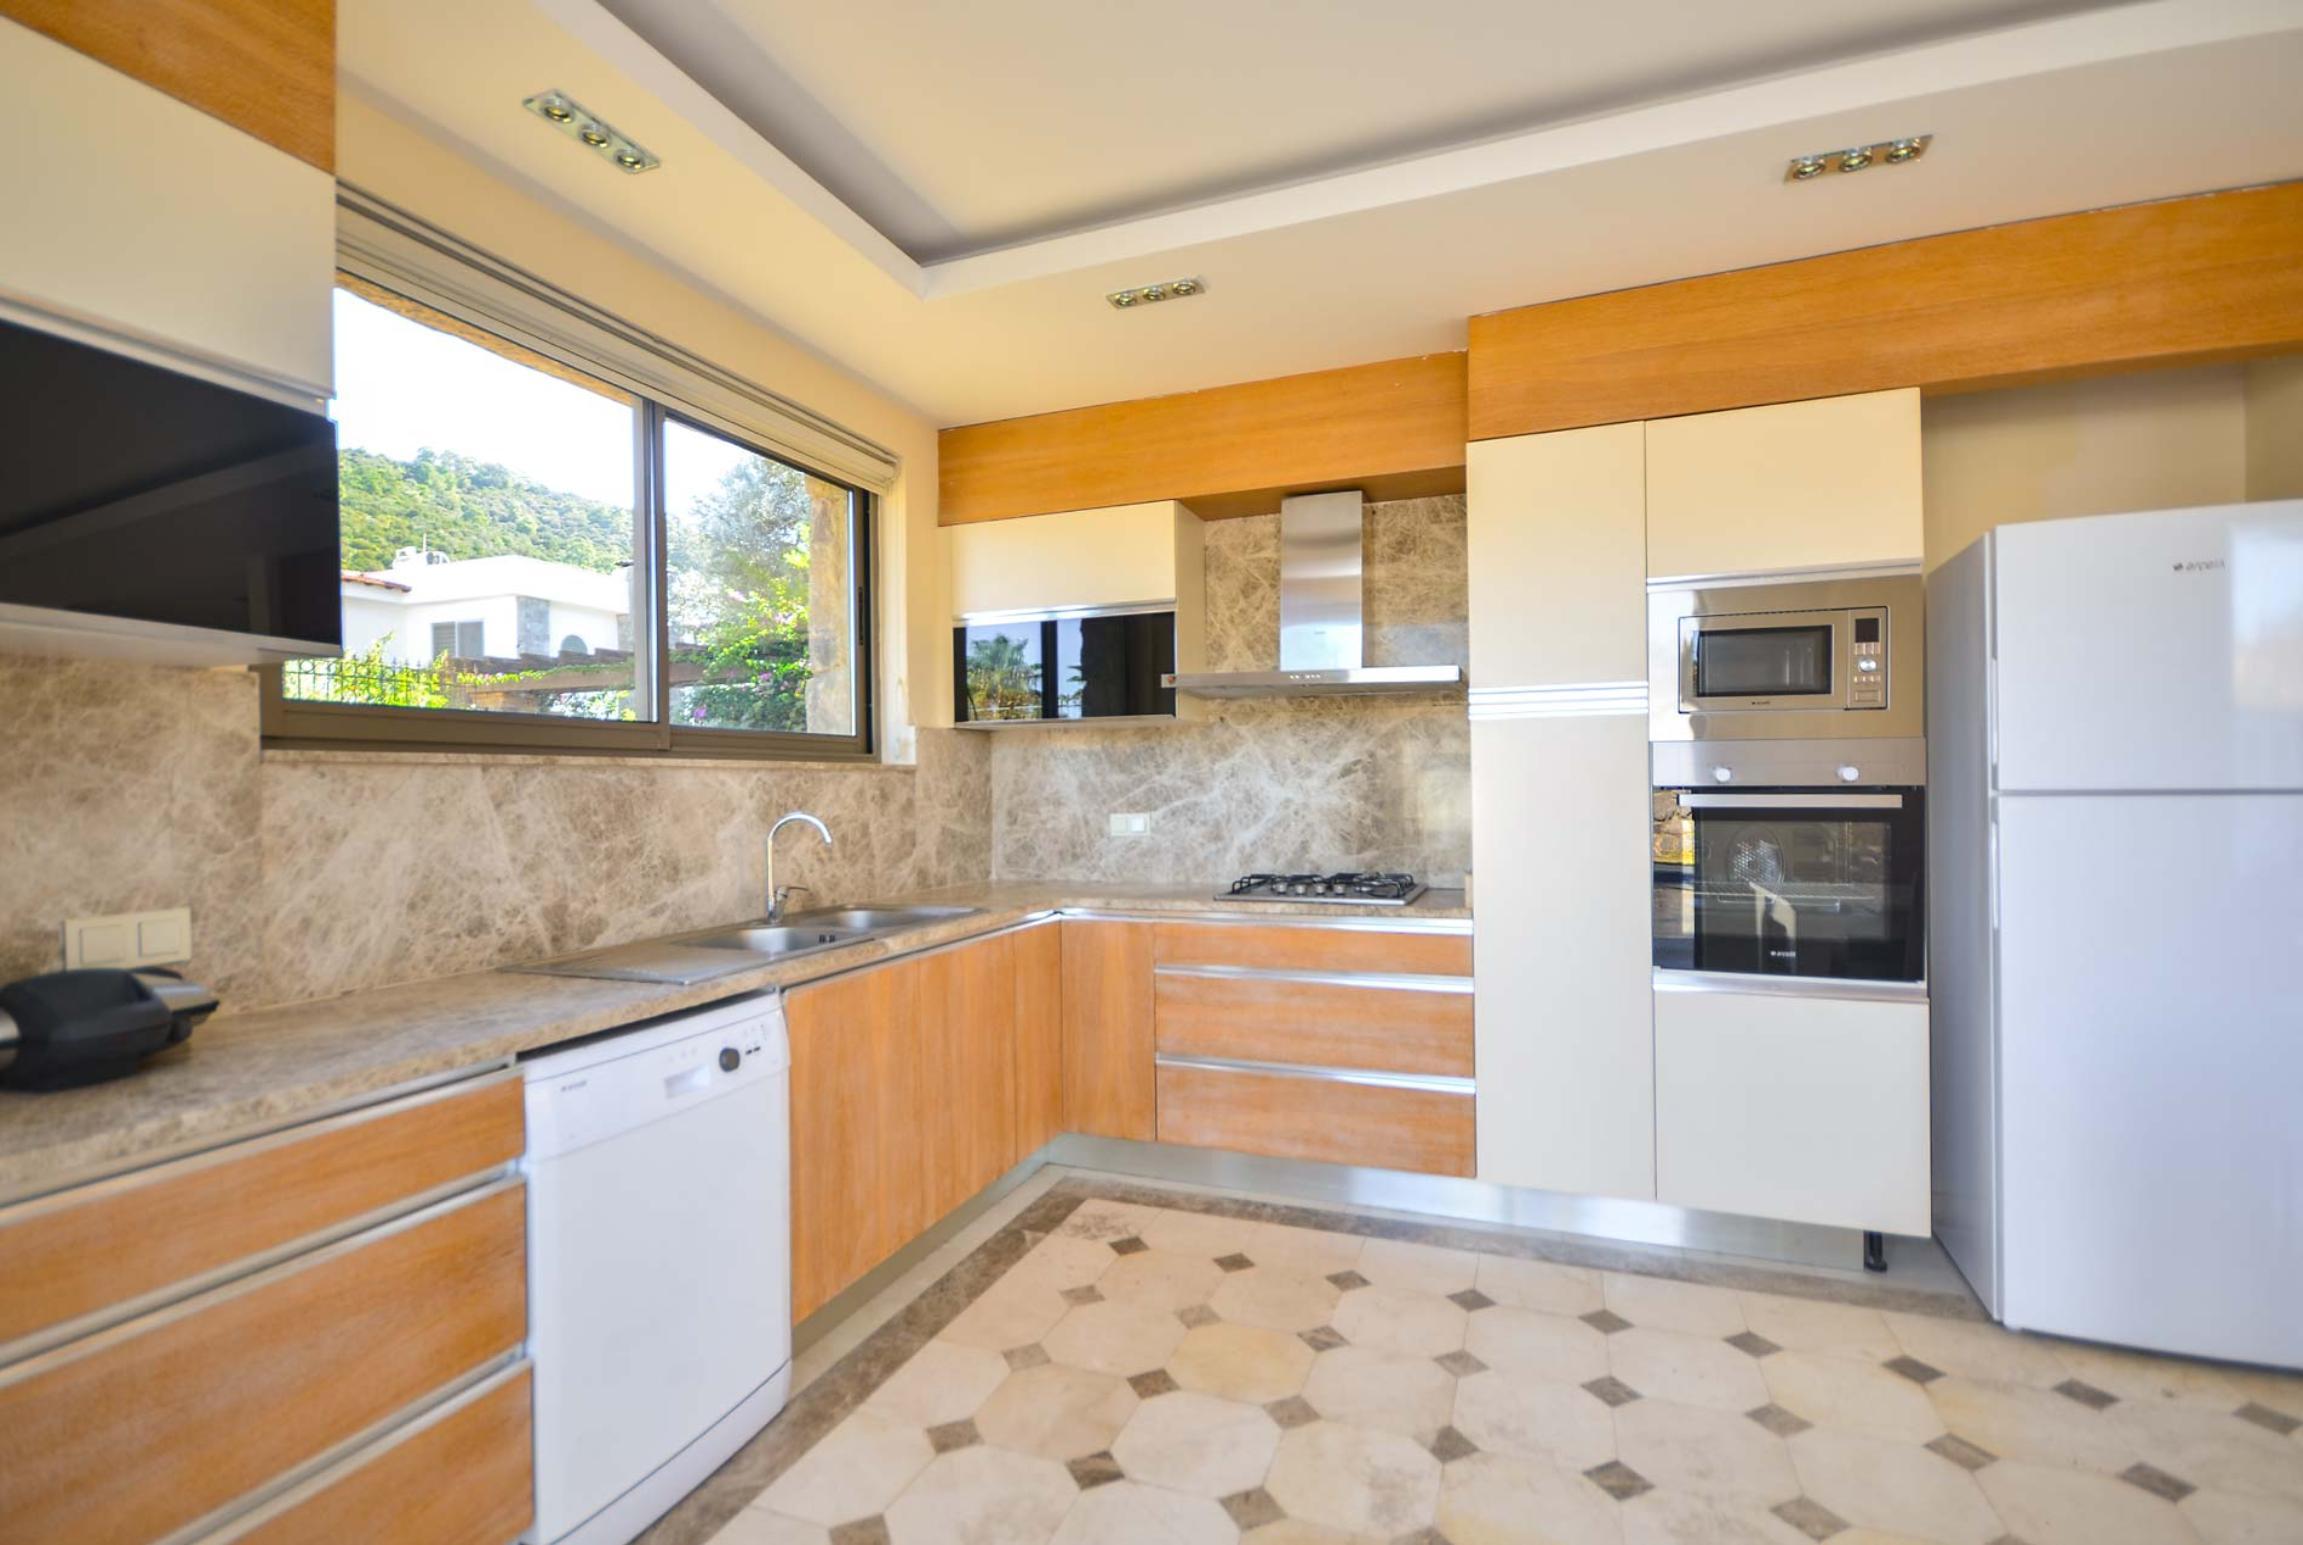 Ferienhaus Zehra (2744580), Torba, , Ägäisregion, Türkei, Bild 14